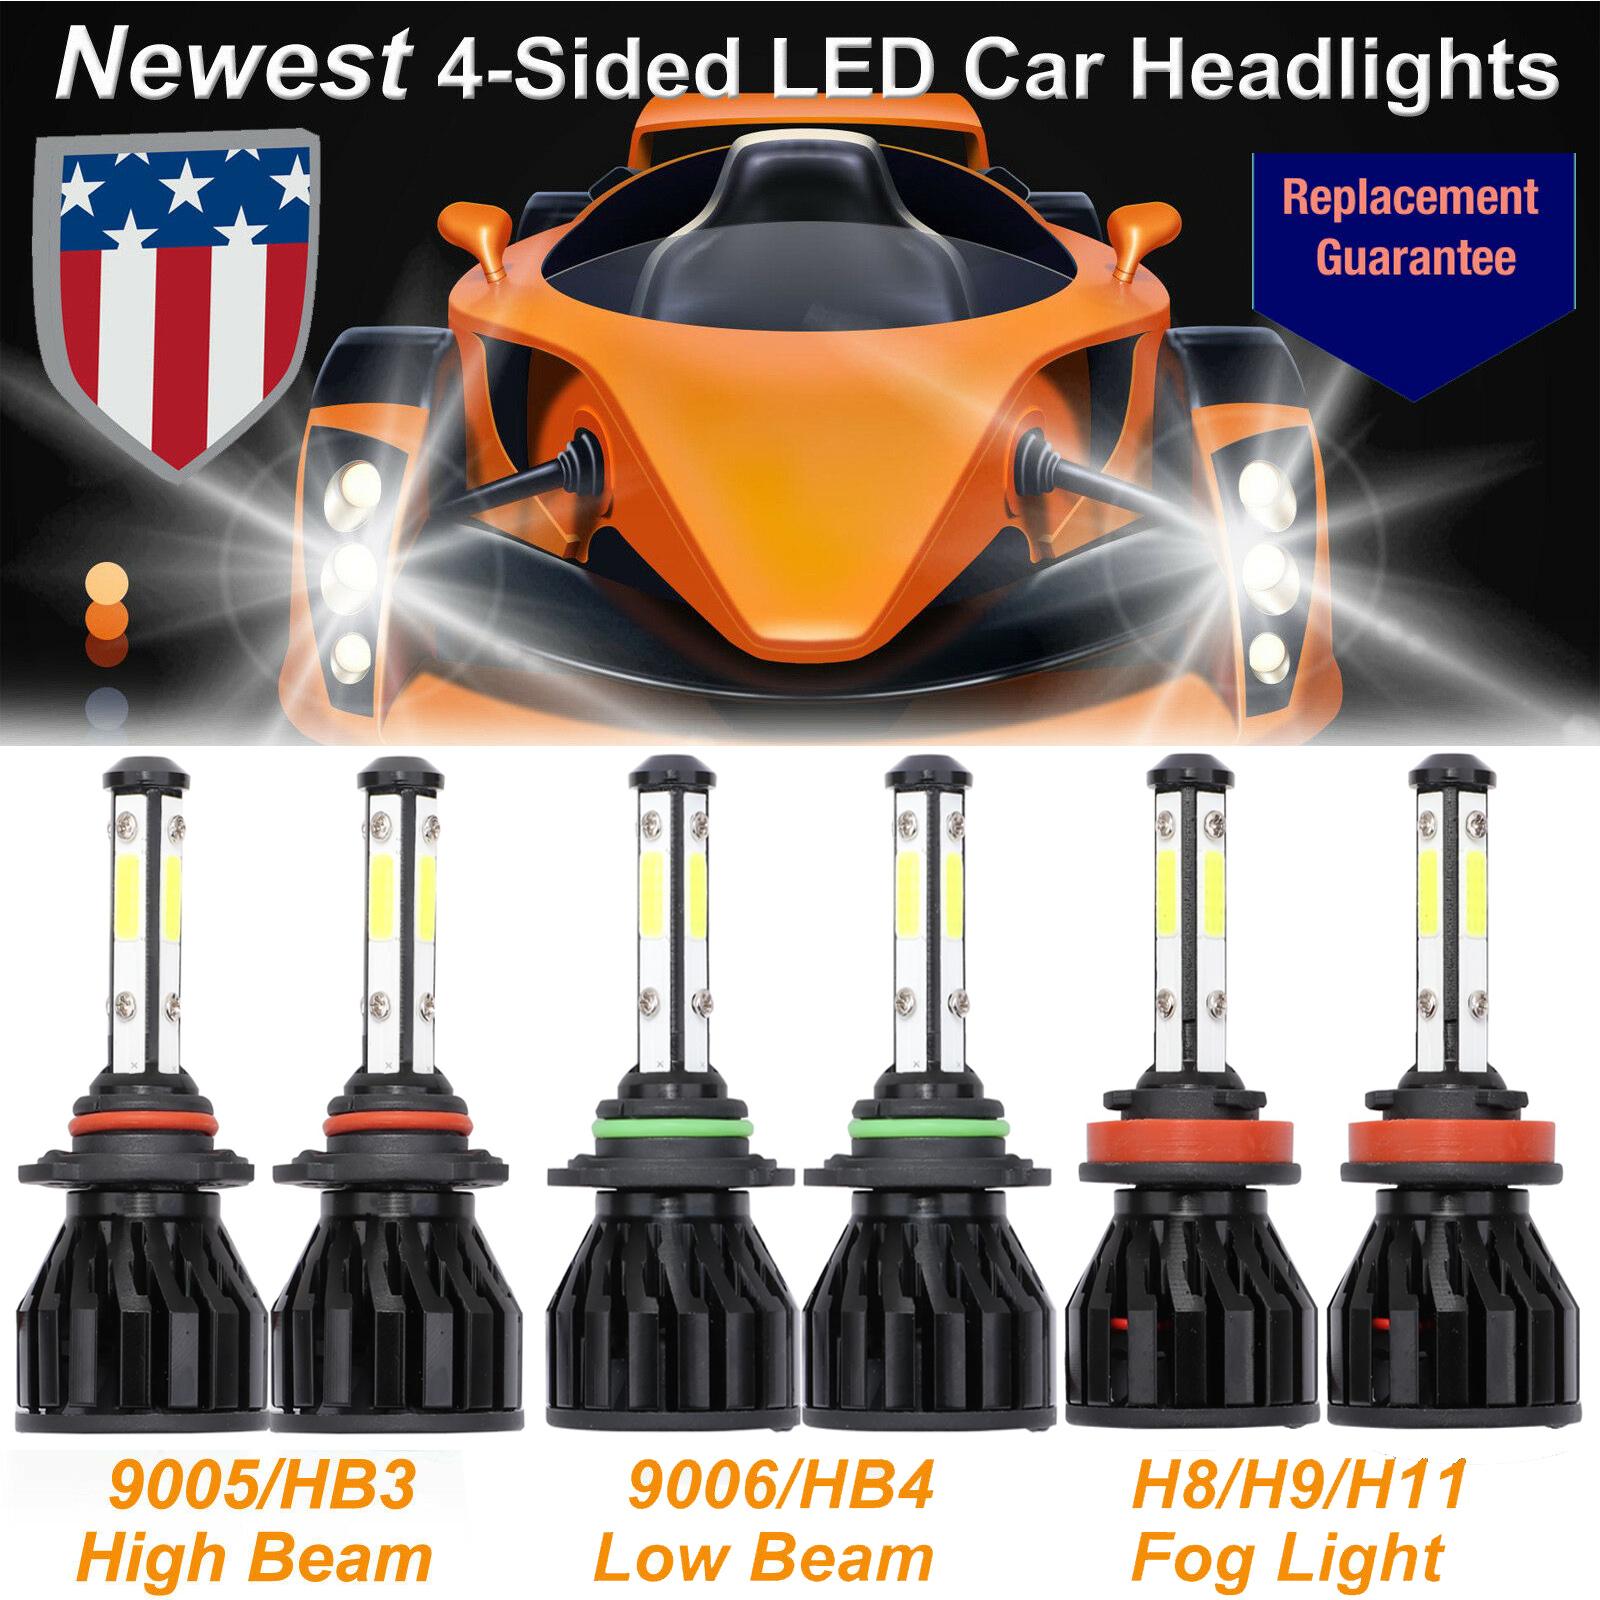 CREE LED Hi//Lo 9005+9006 Headlight Kit Bulb+H11 Fog Light 6500K 6000W Conversion